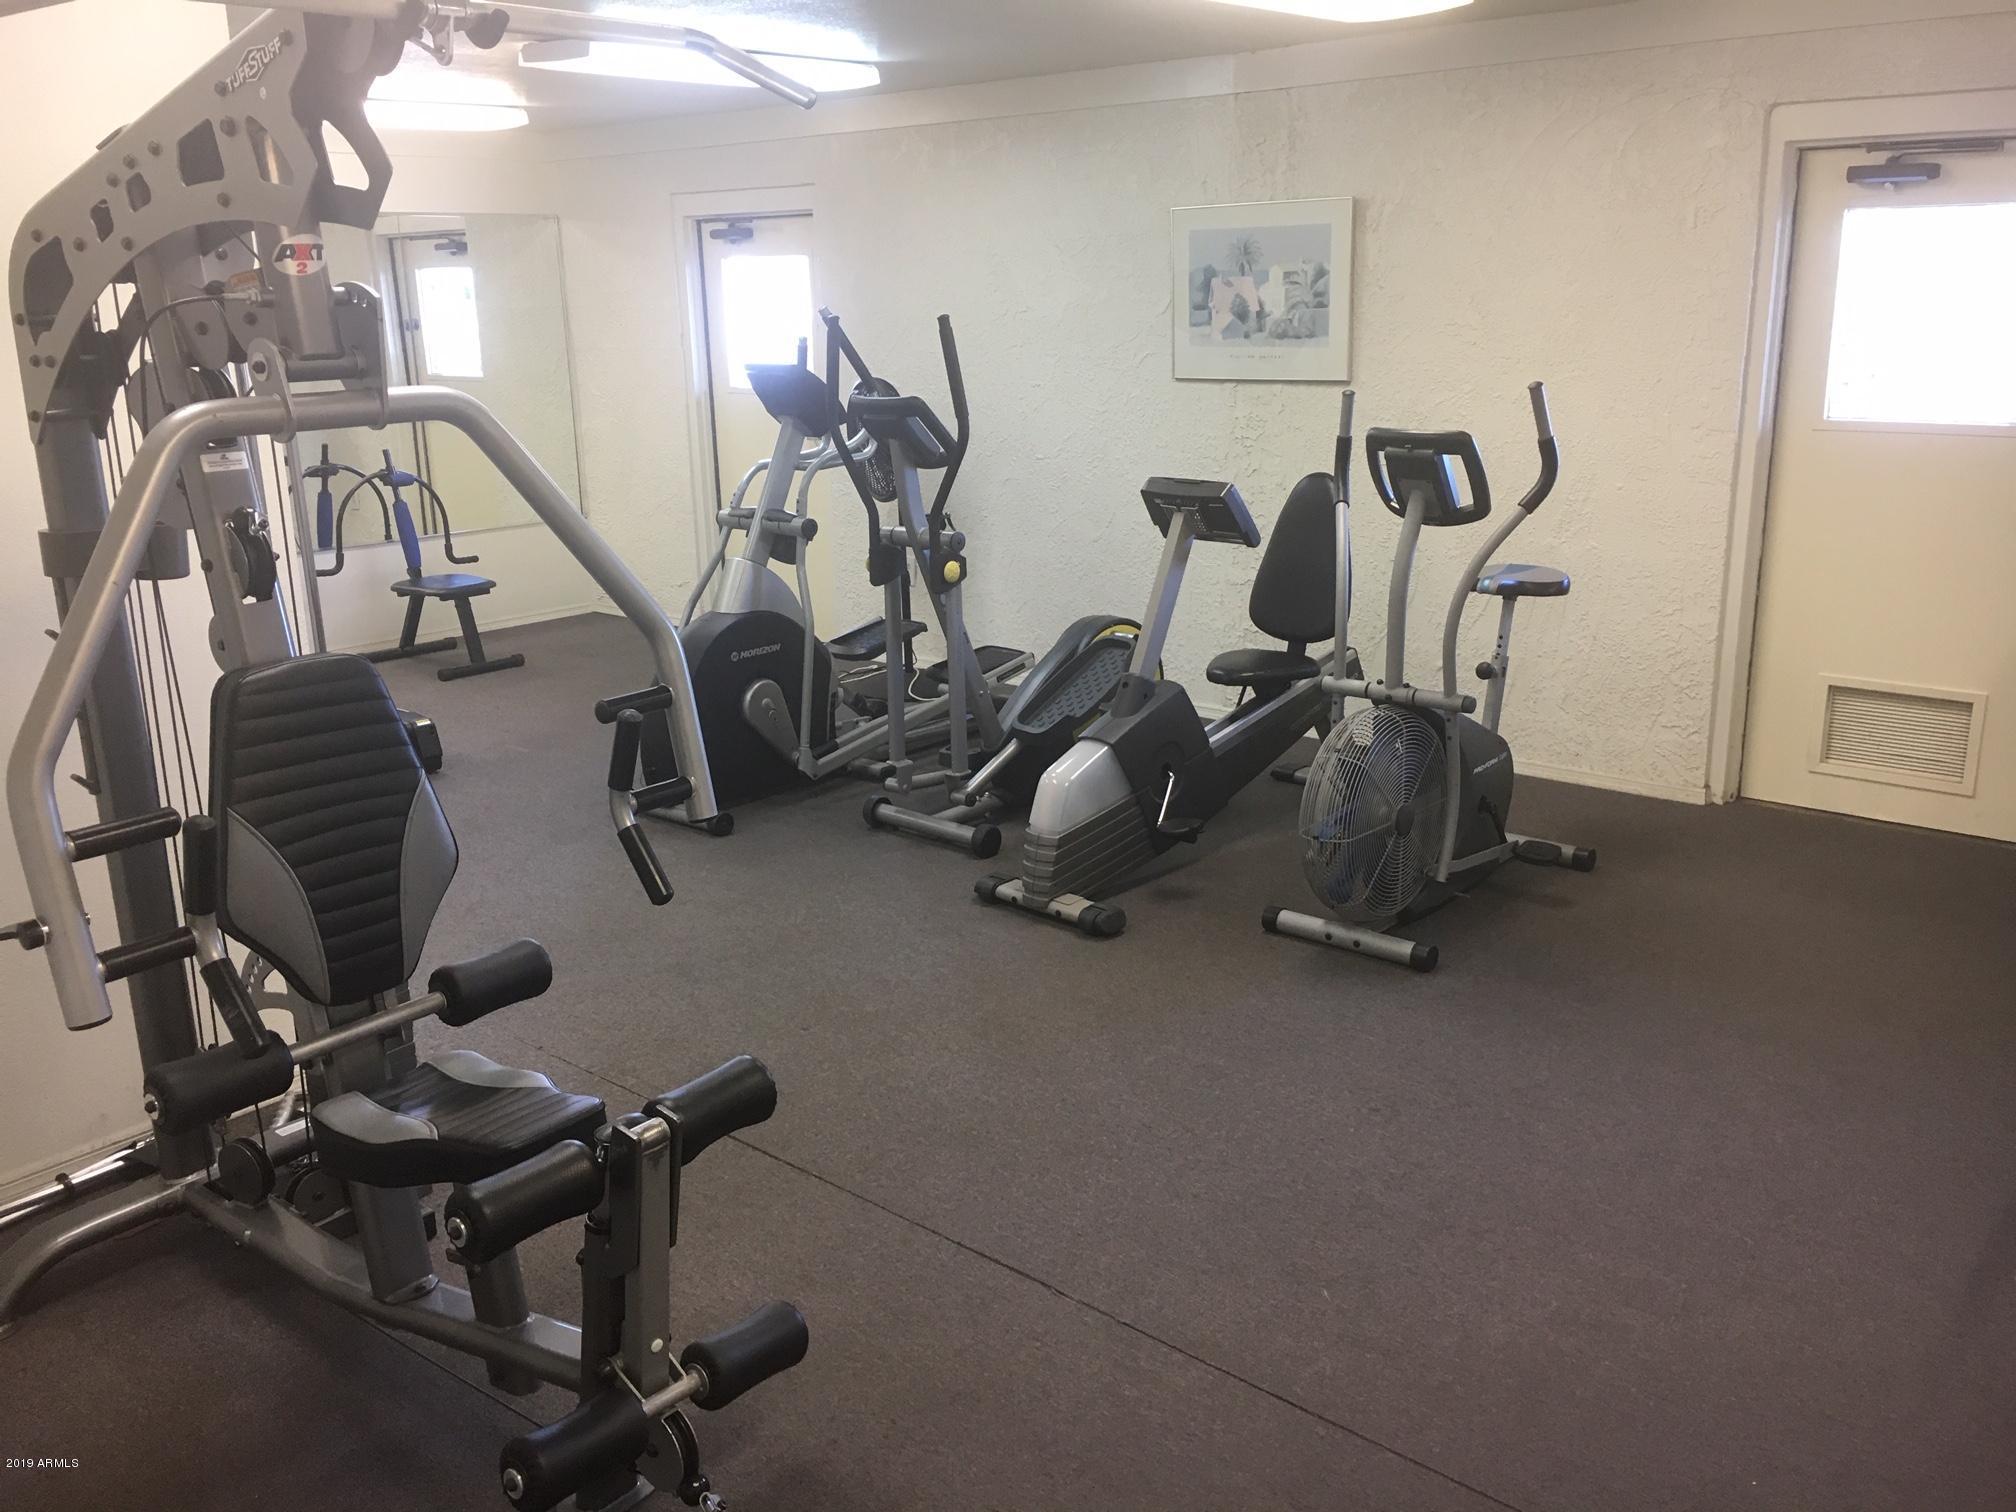 MLS 5880087 11596 W Sierra Dawn Boulevard Unit 91, Surprise, AZ 85378 Surprise AZ Affordable